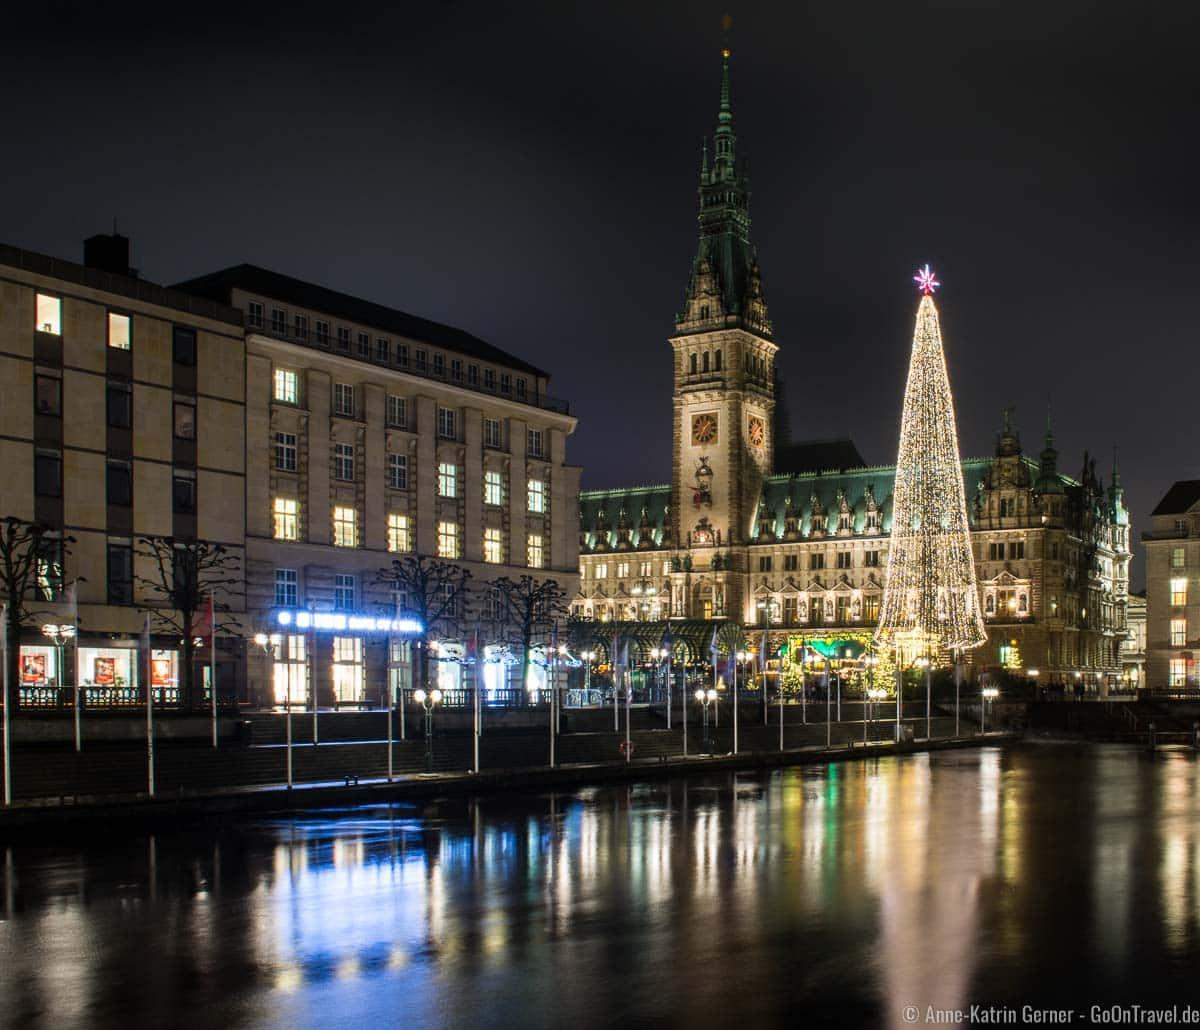 Weihnachtsmarkt auf dem Hamburger Rathausmarkt